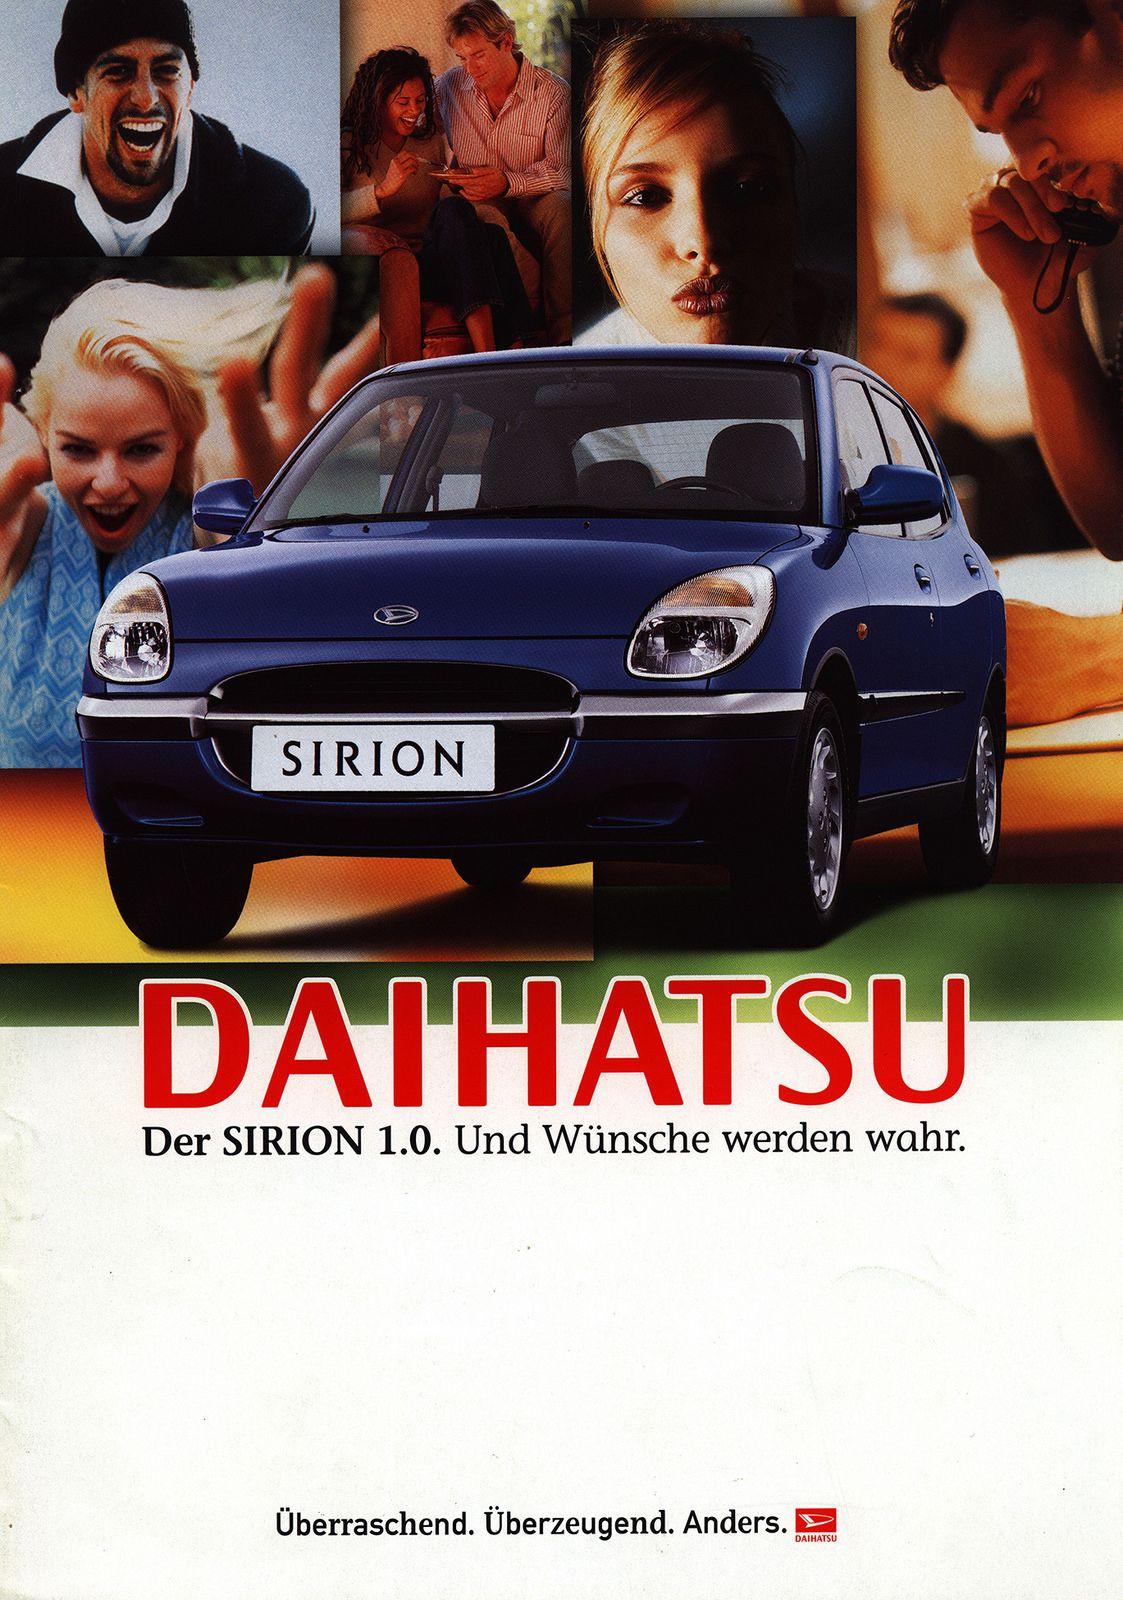 https://flic.kr/p/FvXpeG | Daihatsu Sirion 1.0. Und Wünsche werden wahr. 2000 | front cover car brochure by worldtravellib World Travel library